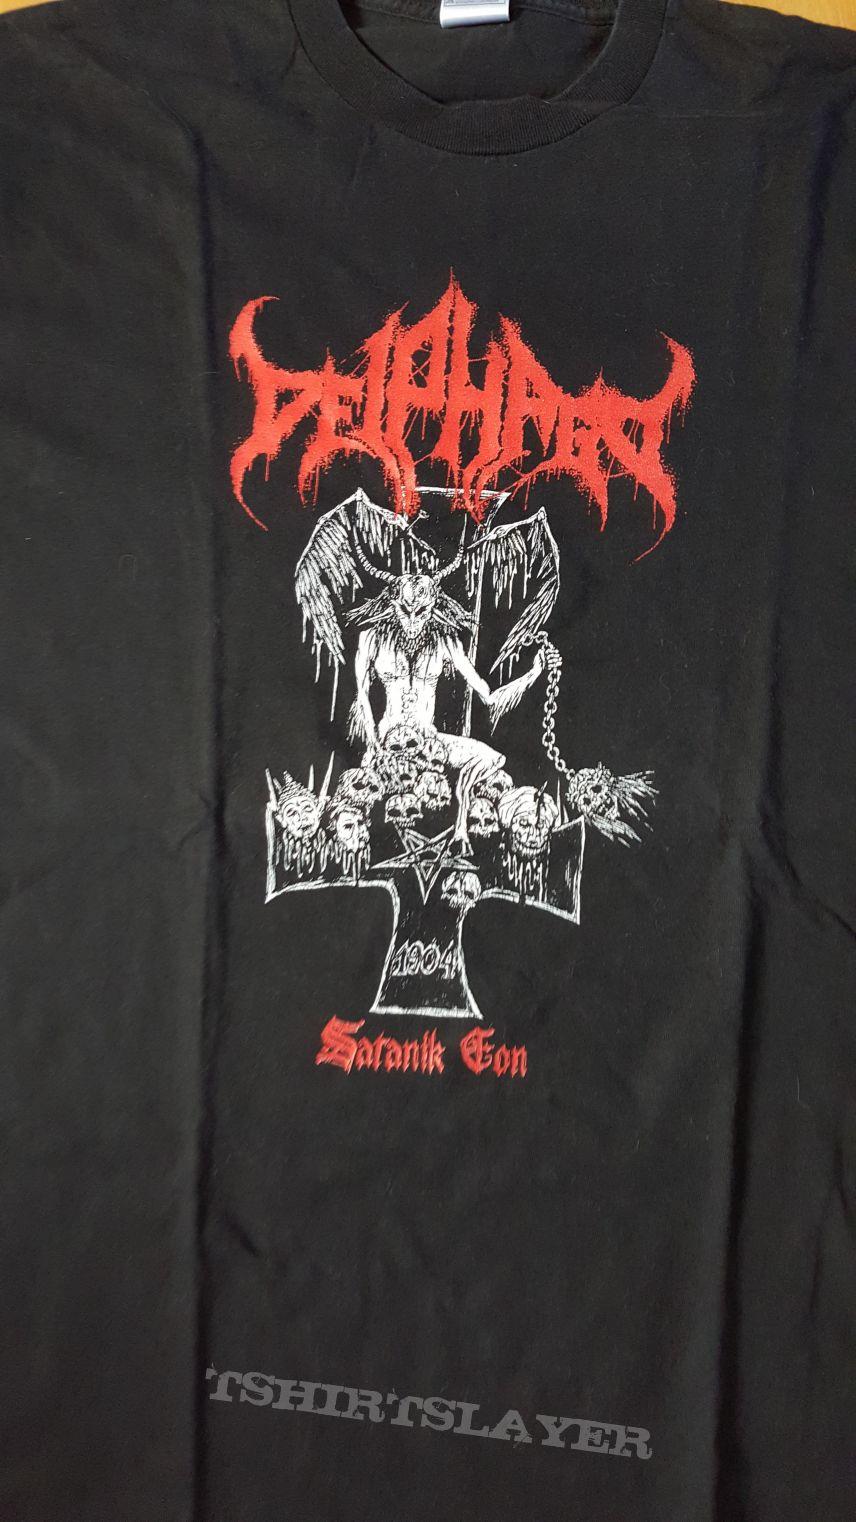 deiphago satanik eon